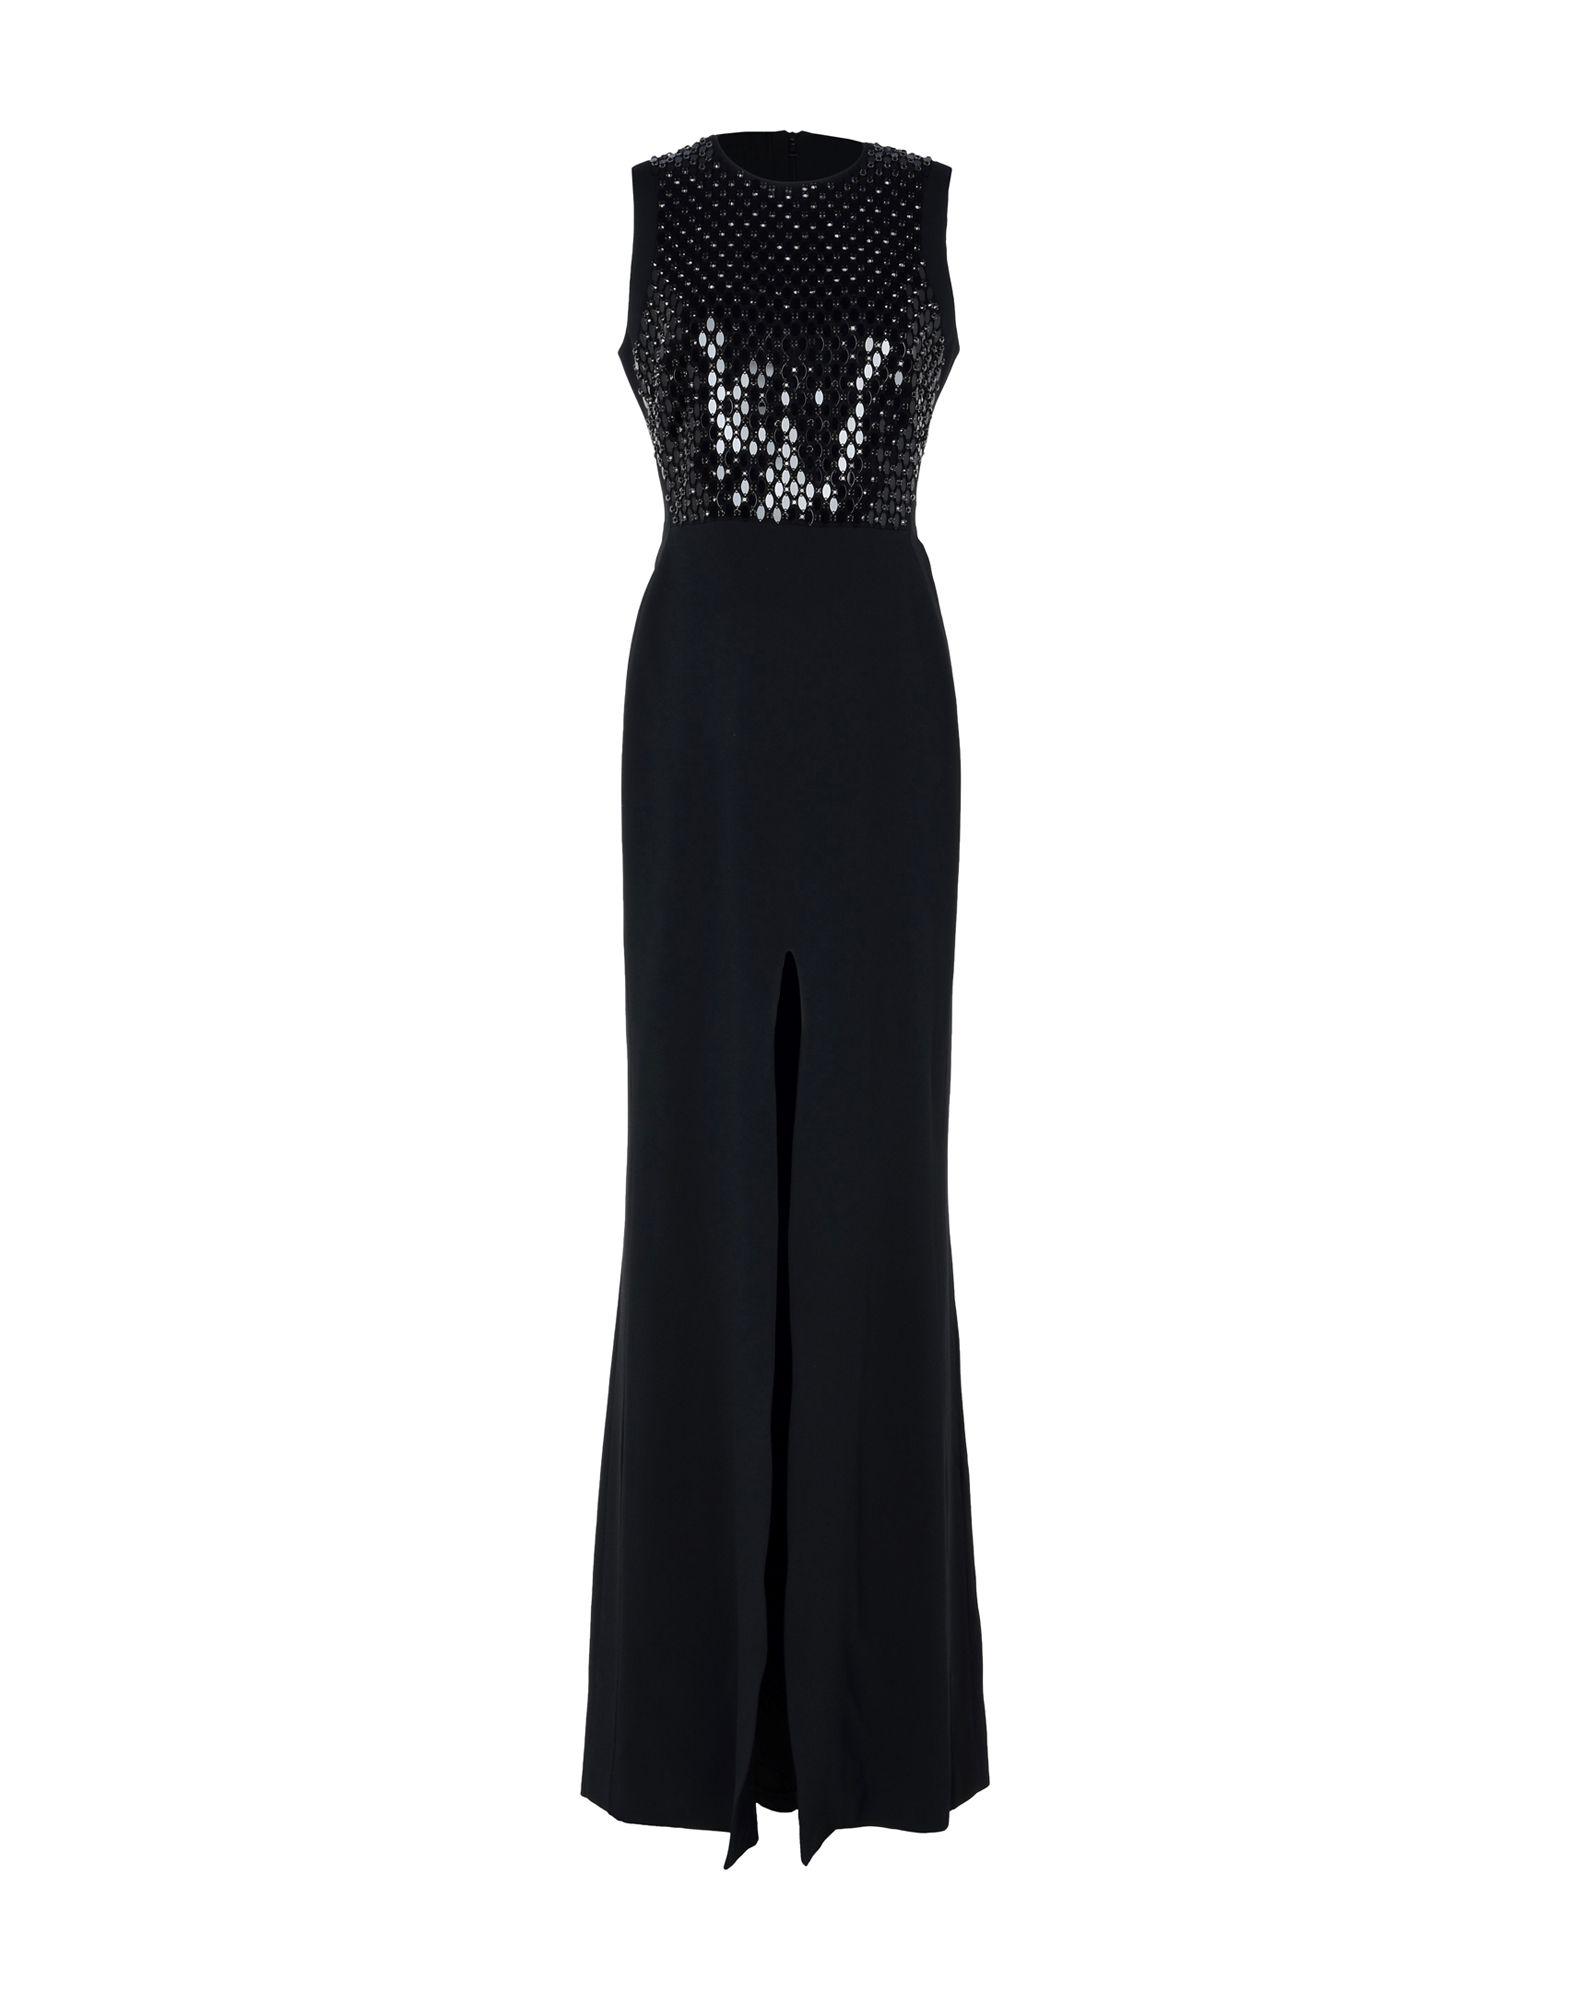 DAVID KOMA Длинное платье платье короткое спереди длинное сзади летнее